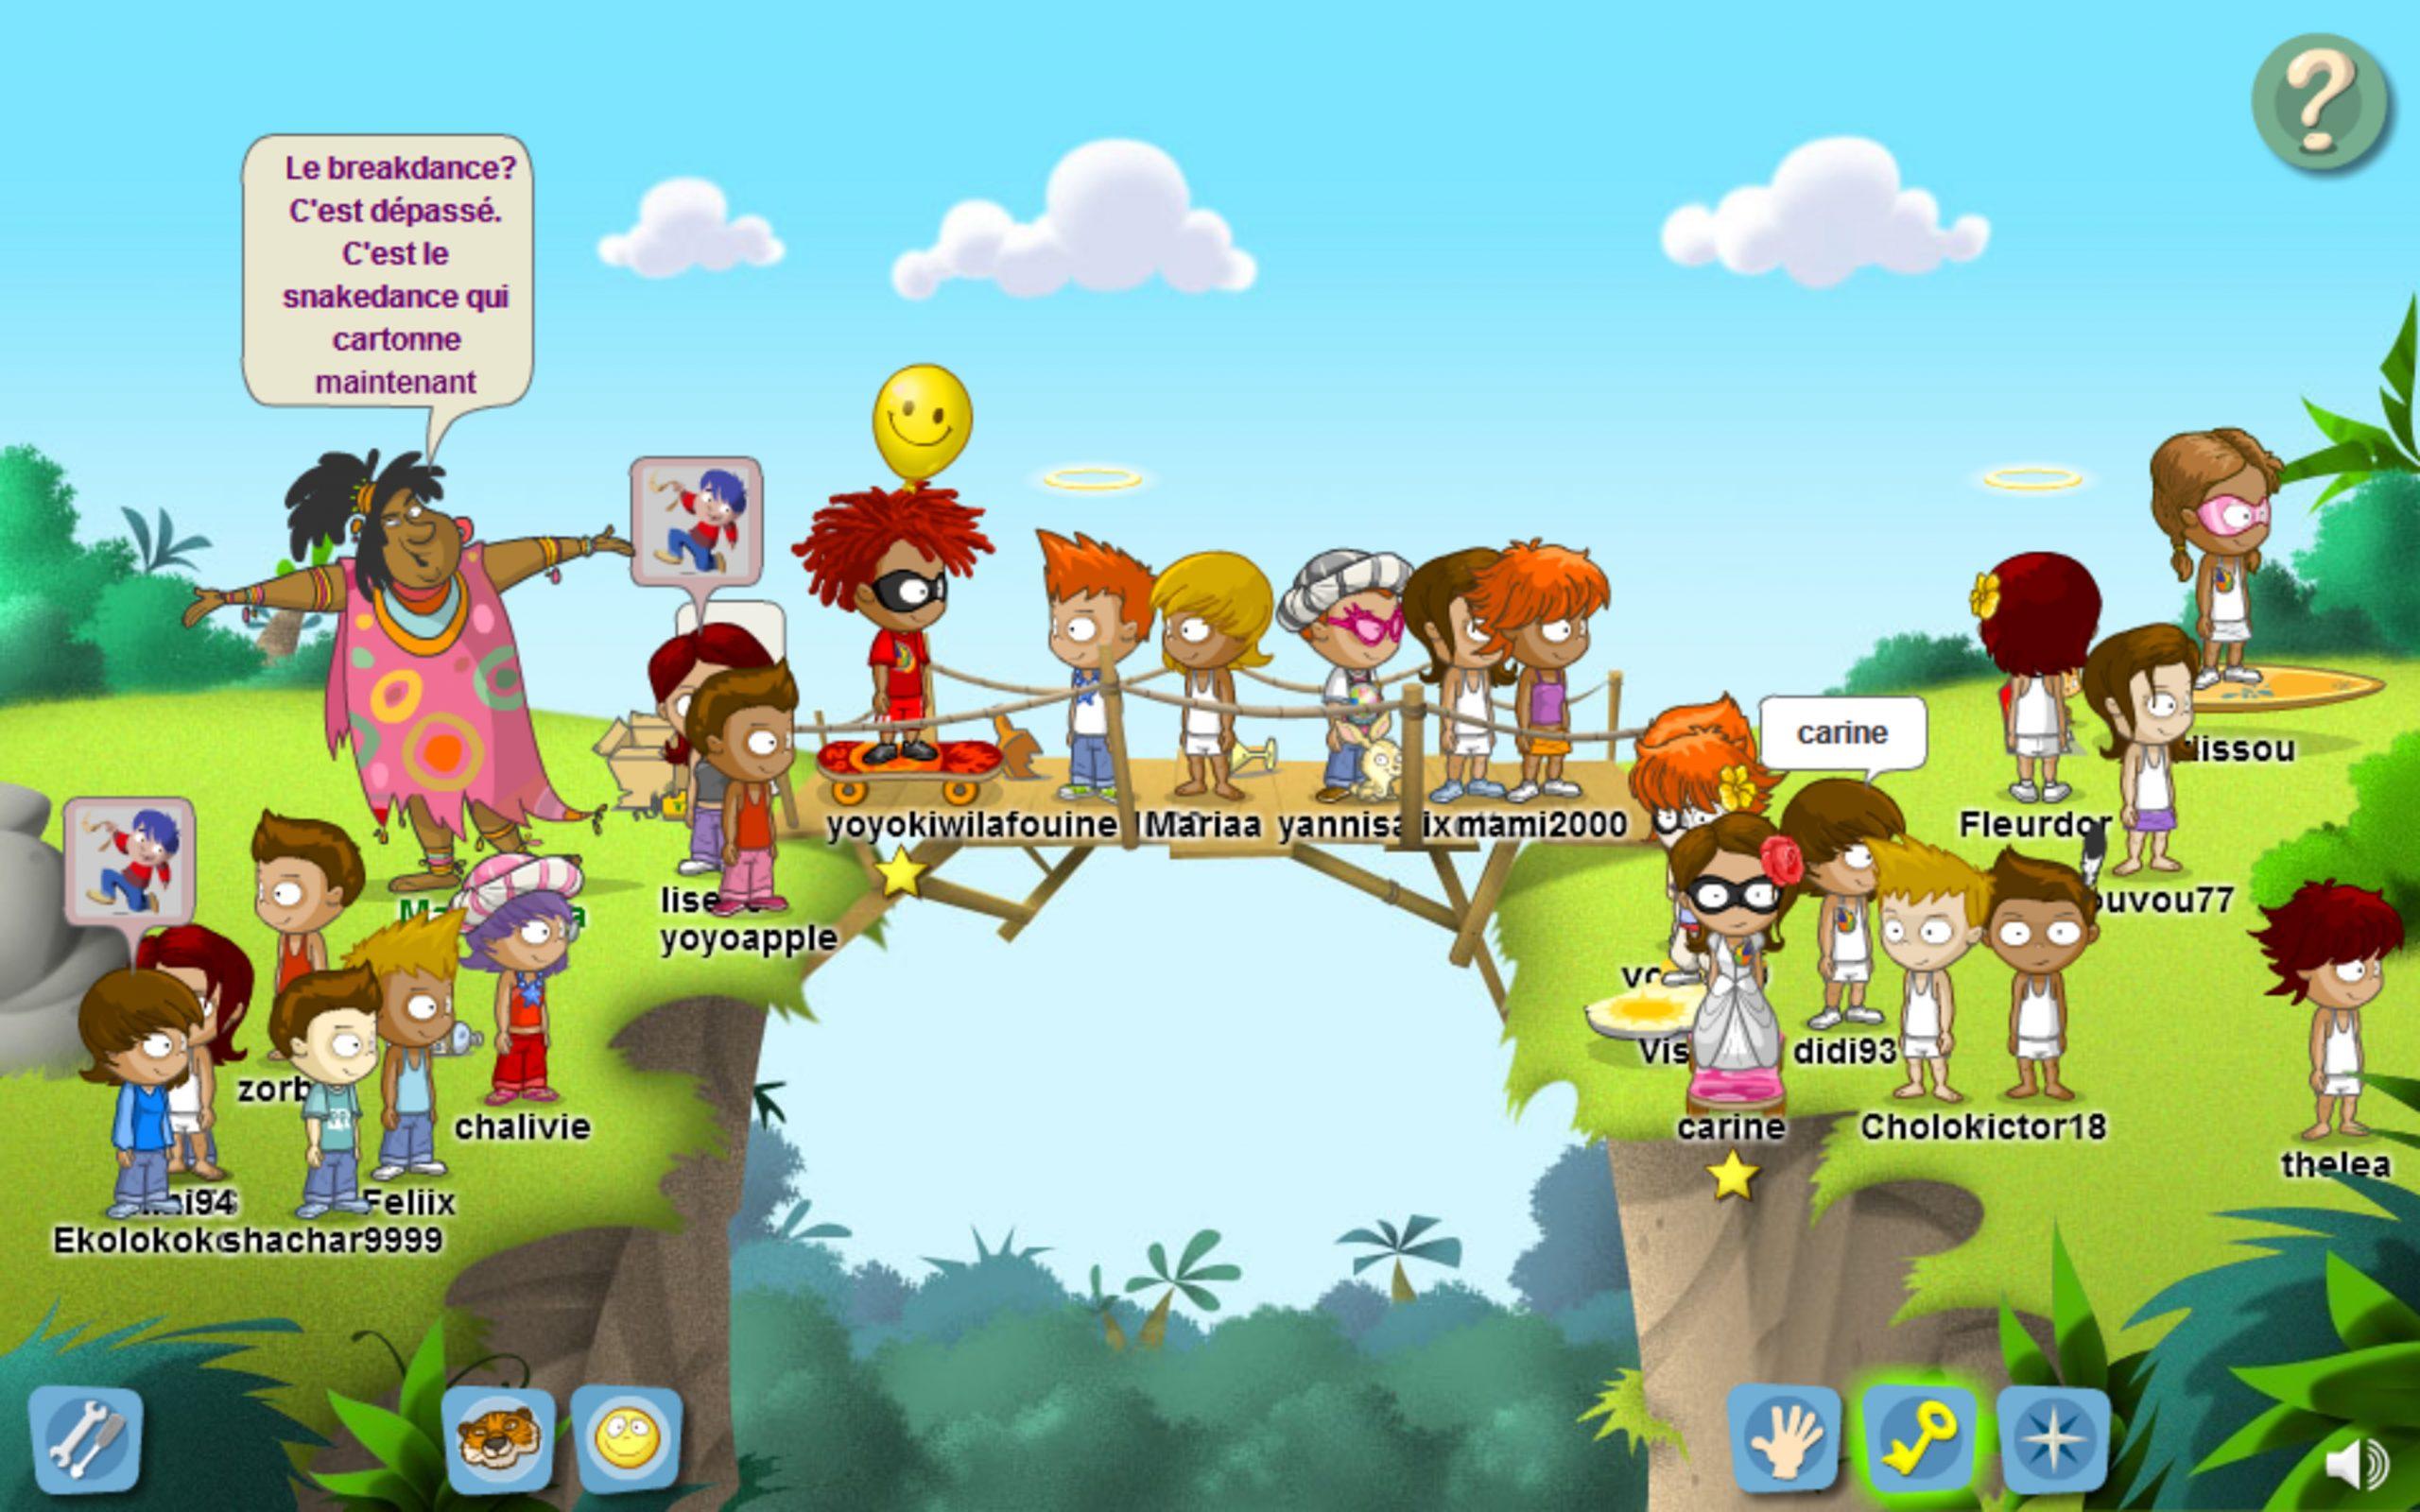 Comment Expliquer Le Développement Durable À Nos Enfants ? tout Jeux Gratuits Pour Enfants De 3 Ans